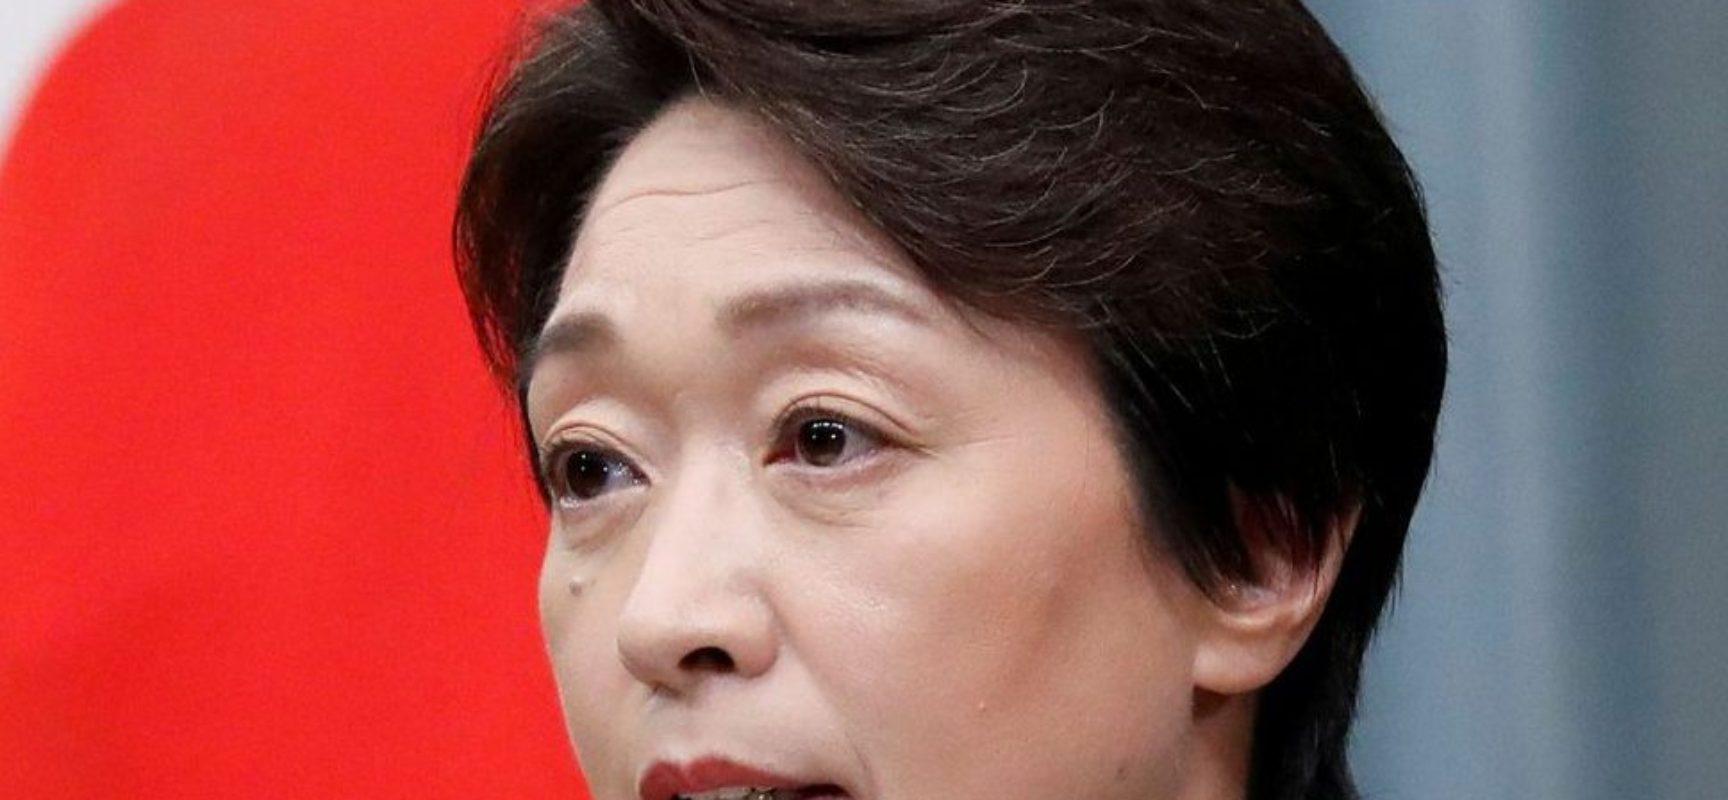 Tóquio: comitê deve escolher mulher como chefe após reação a machismo